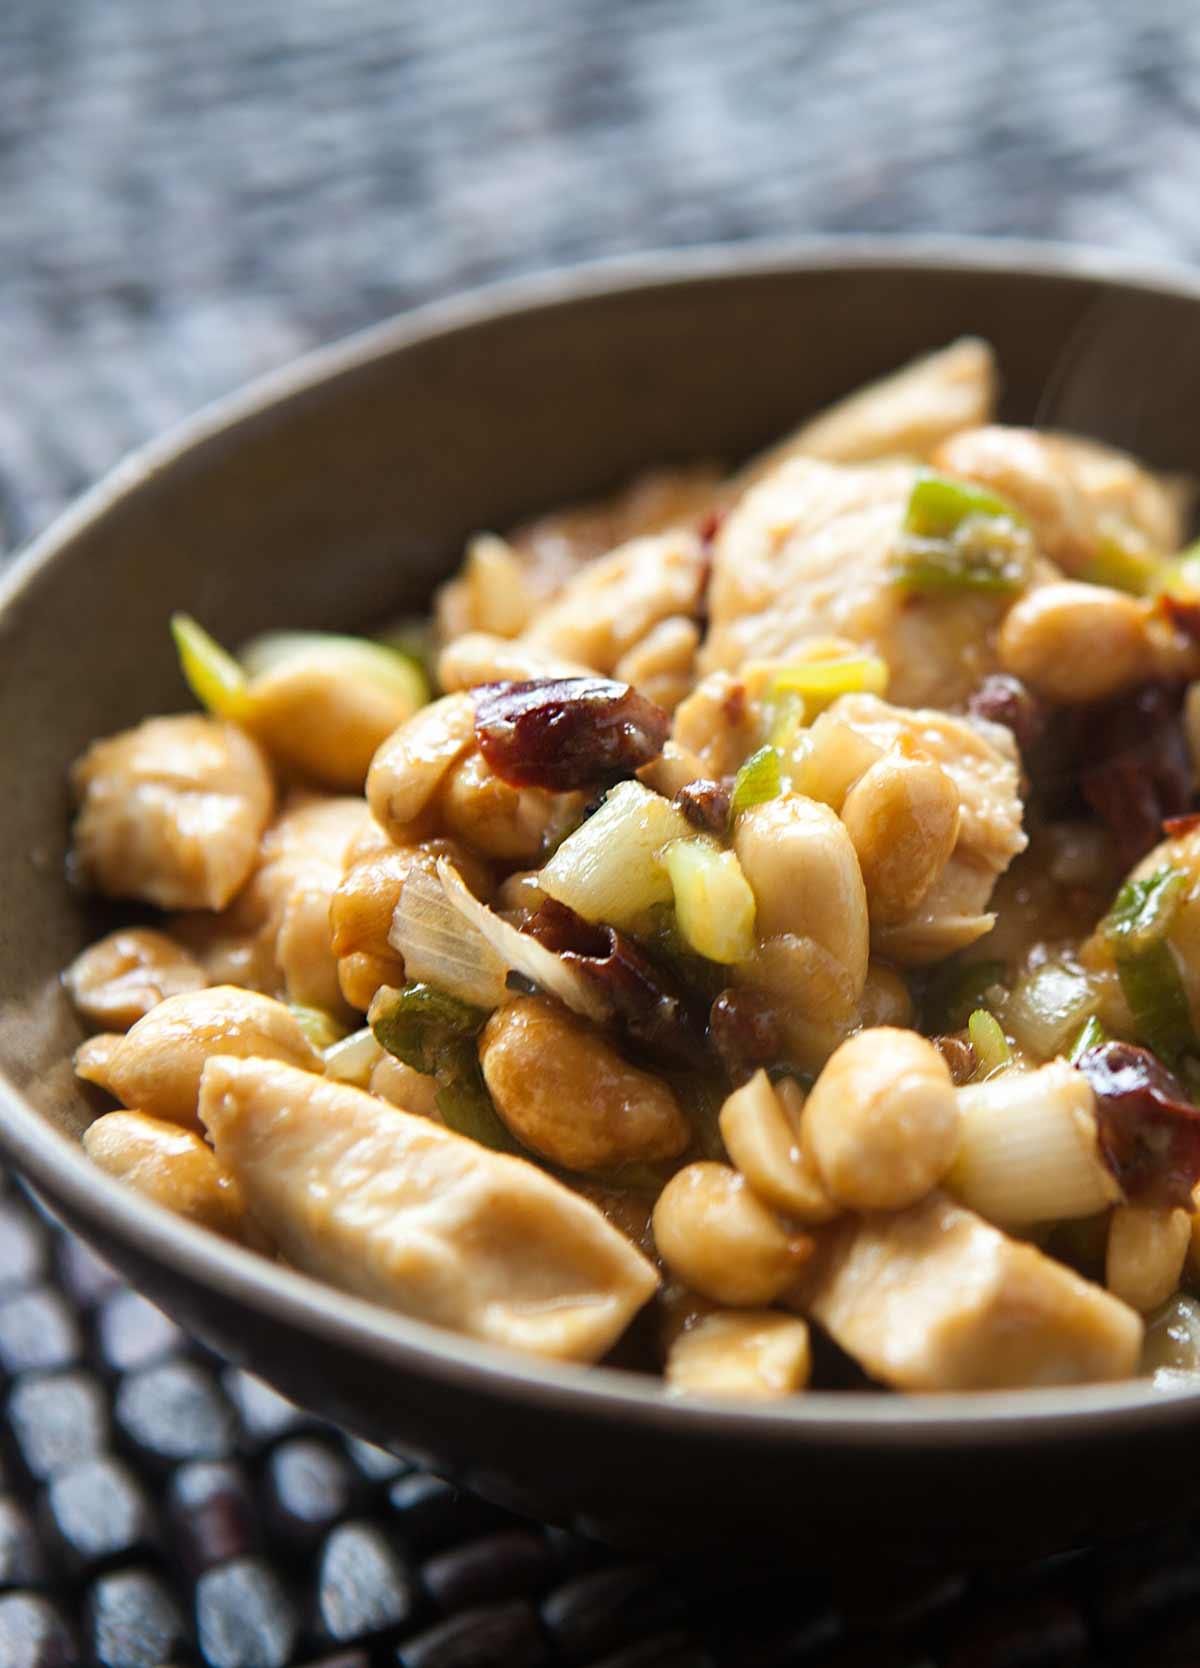 """Kung Pao Chicken """"data-pin-description ="""" ¡Omita la comida para llevar y haga este Kung Pao Chicken en casa! Este sofrito chino picante y dulce está hecho con chiles picantes, granos de pimienta de Szechwan, ajo, jengibre y maní sin sal. Servir con arroz para una comida entre semana. #chinesefood #kungpao #chicken #simplyrecipes """"data-pin -cipe ="""" 9838 """"srcset ="""" data: image / gif; base64, R0lGODlhAQABAAAAACH5BAEKAAEALAAAAAABAAEAAAICTAEAOw == """"tamaños ="""" (max-anchoc: 1200x svp, 1200p, sxpc-s: = """"https://cocinarrecetasdepostres.net/wp-content/uploads/2019/11/Pollo-kung-pao.jpg 1200w, https://www.simplyrecipes.com/wp-content /uploads/2010/06/kung-pao-chicken-vertical-a-1200-216x300.jpg 216w, https://www.simplyrecipes.com/wp-content/uploads/2010/06/kung-pao-chicken- vertical-a-1200-768x1068.jpg 768w, https://www.simplyrecipes.com/wp-content/uploads/2010/06/kung-pao-chicken-vertical-a-1200-737x1024.jpg 737w, https: //www.simplyrecipes.com/wp-content/uploads/2010/06/kung-pao-chicken-vertical-a-1200-348x484.jpg 348w, https://www.simplyrecipes.com/wp-content/uploads /2010/06/kung-pao-chicken-vertical-a-1200-200x278.jpg 200w, https://www.simplyrecipes.com/wp-content/uploads/2010/06/kung-pao-chicken-vertical- a-1200-600x834.jpg 600w """"datos-tamaños ="""" auto """"data-src ="""" https: // www. simplyrecipes.com/wp-content/uploads/2010/06/kung-pao-chicken-vertical-a-1200.jpg """"/>                   <p>Crédito de fotografía: Elise Bauer </p><div class="""